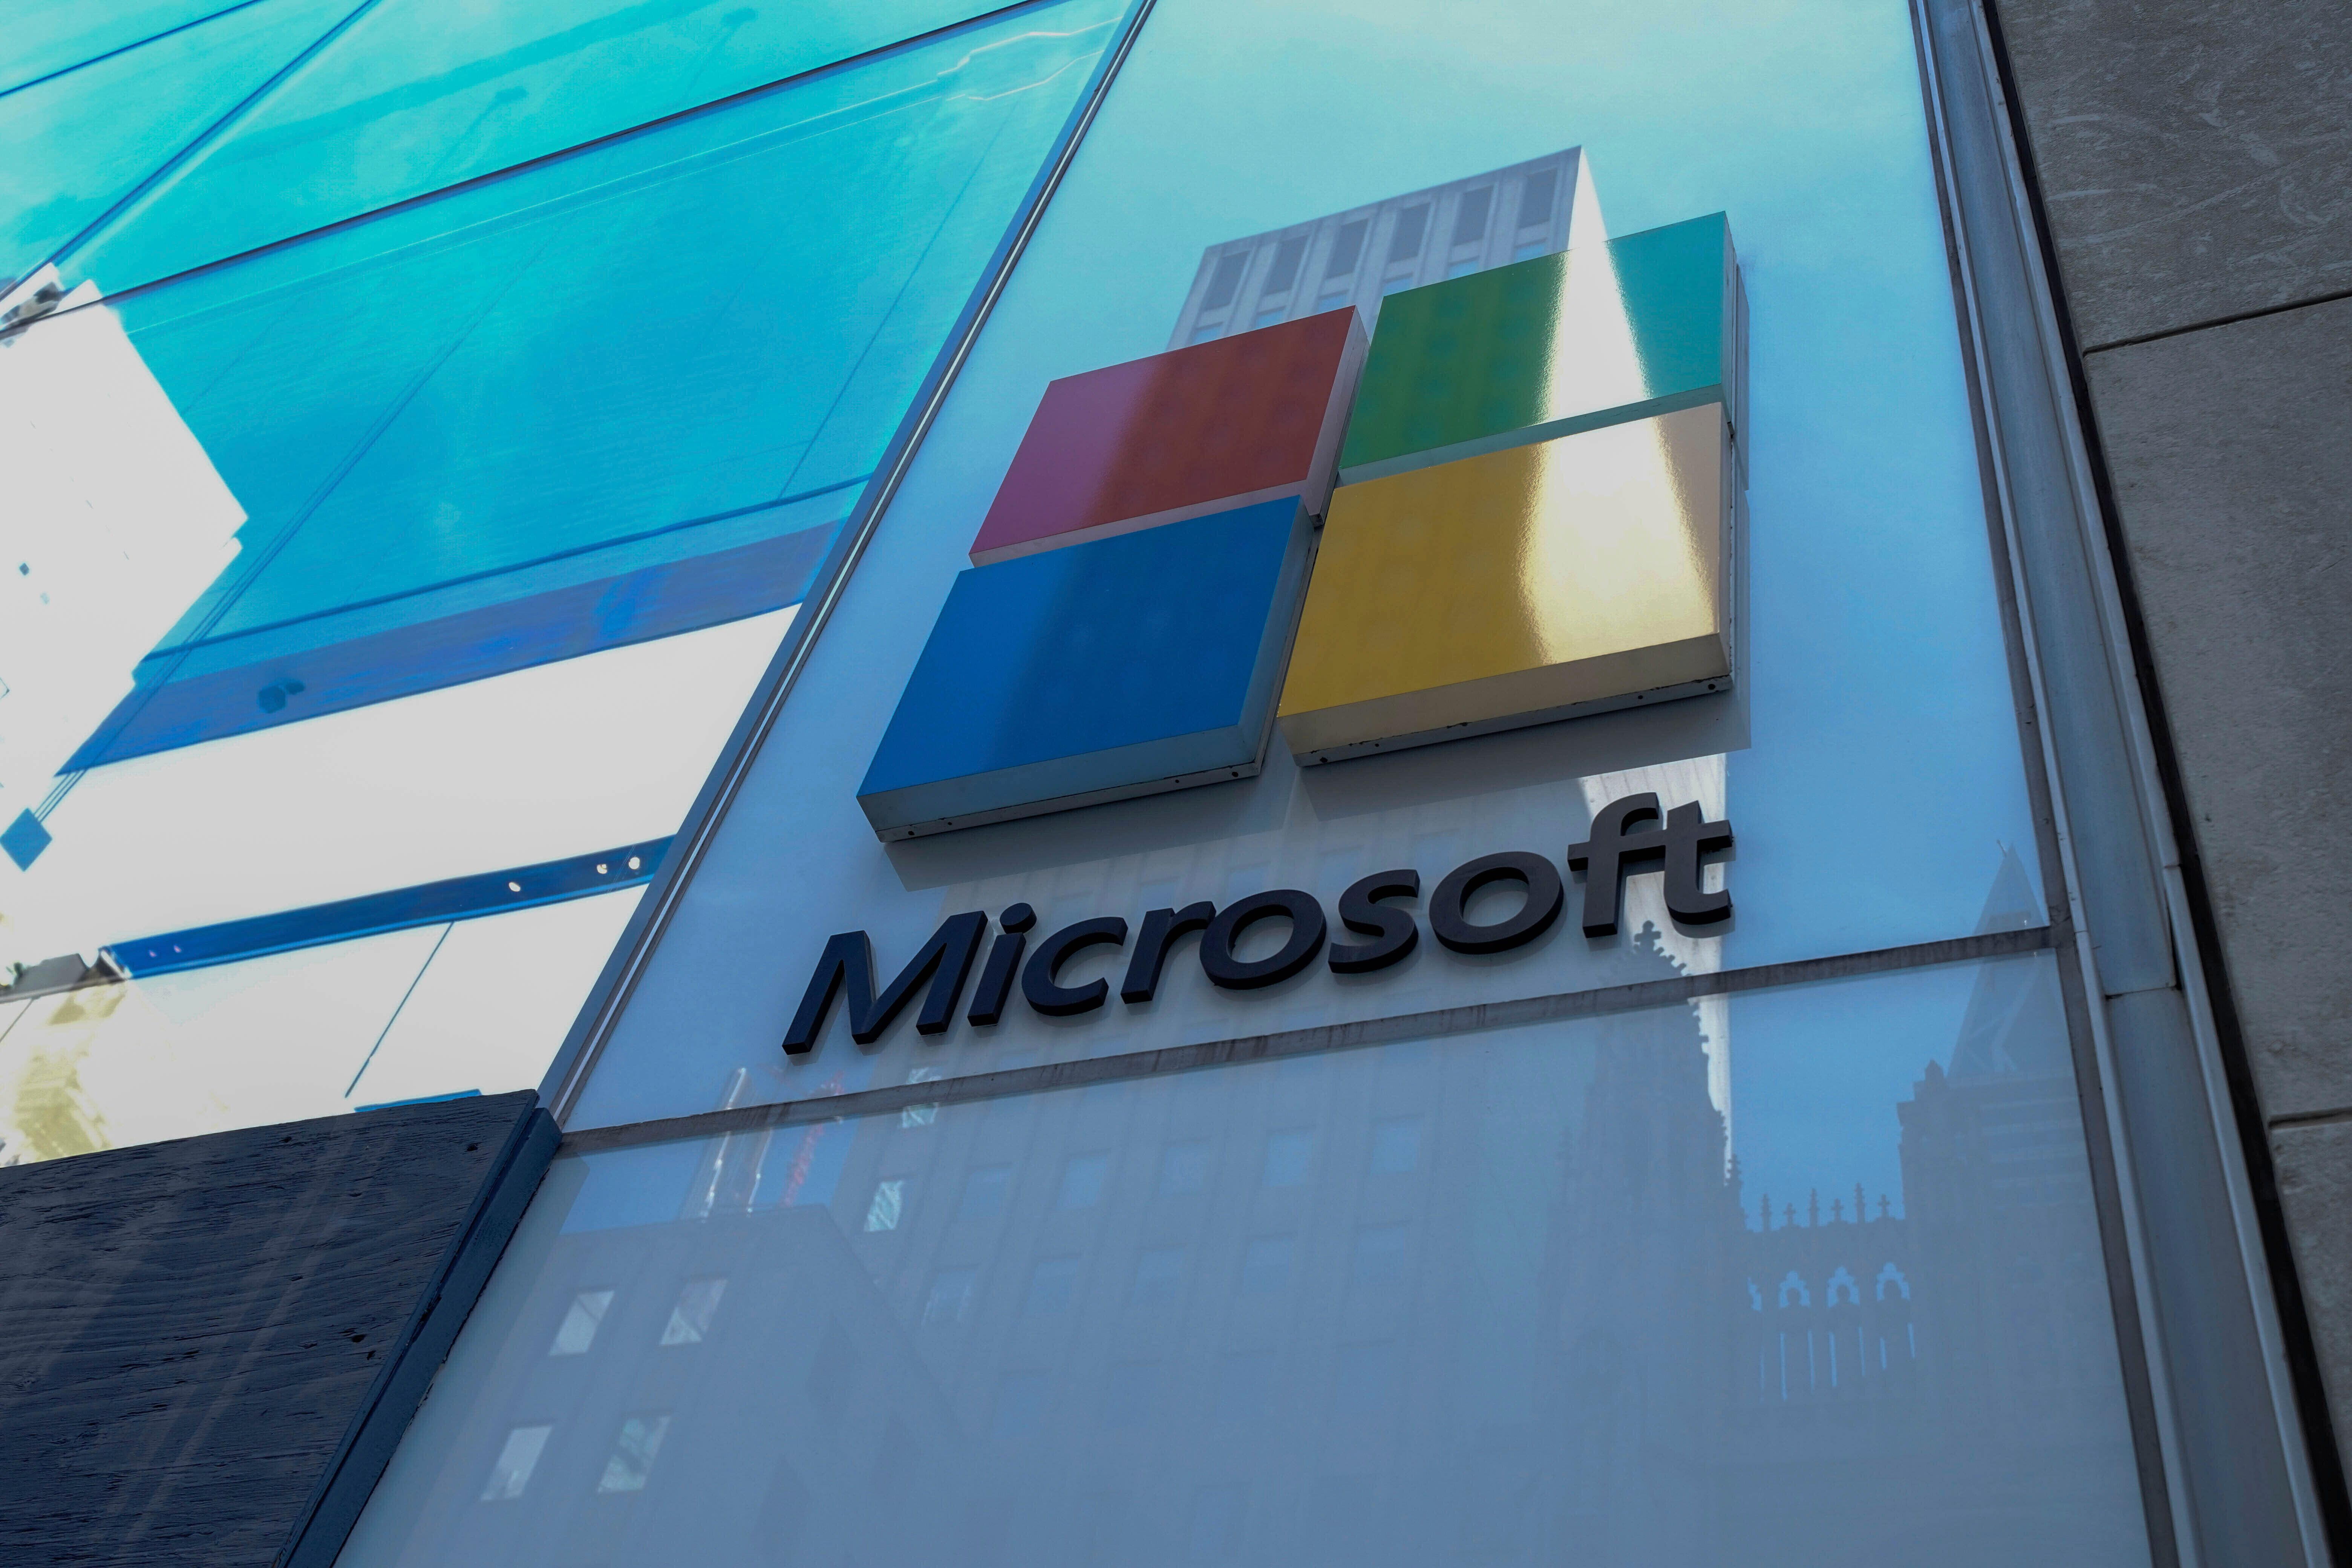 Microsoft a détecté des cyberattaques de Russie et Chine en lien avec la présidentielle...